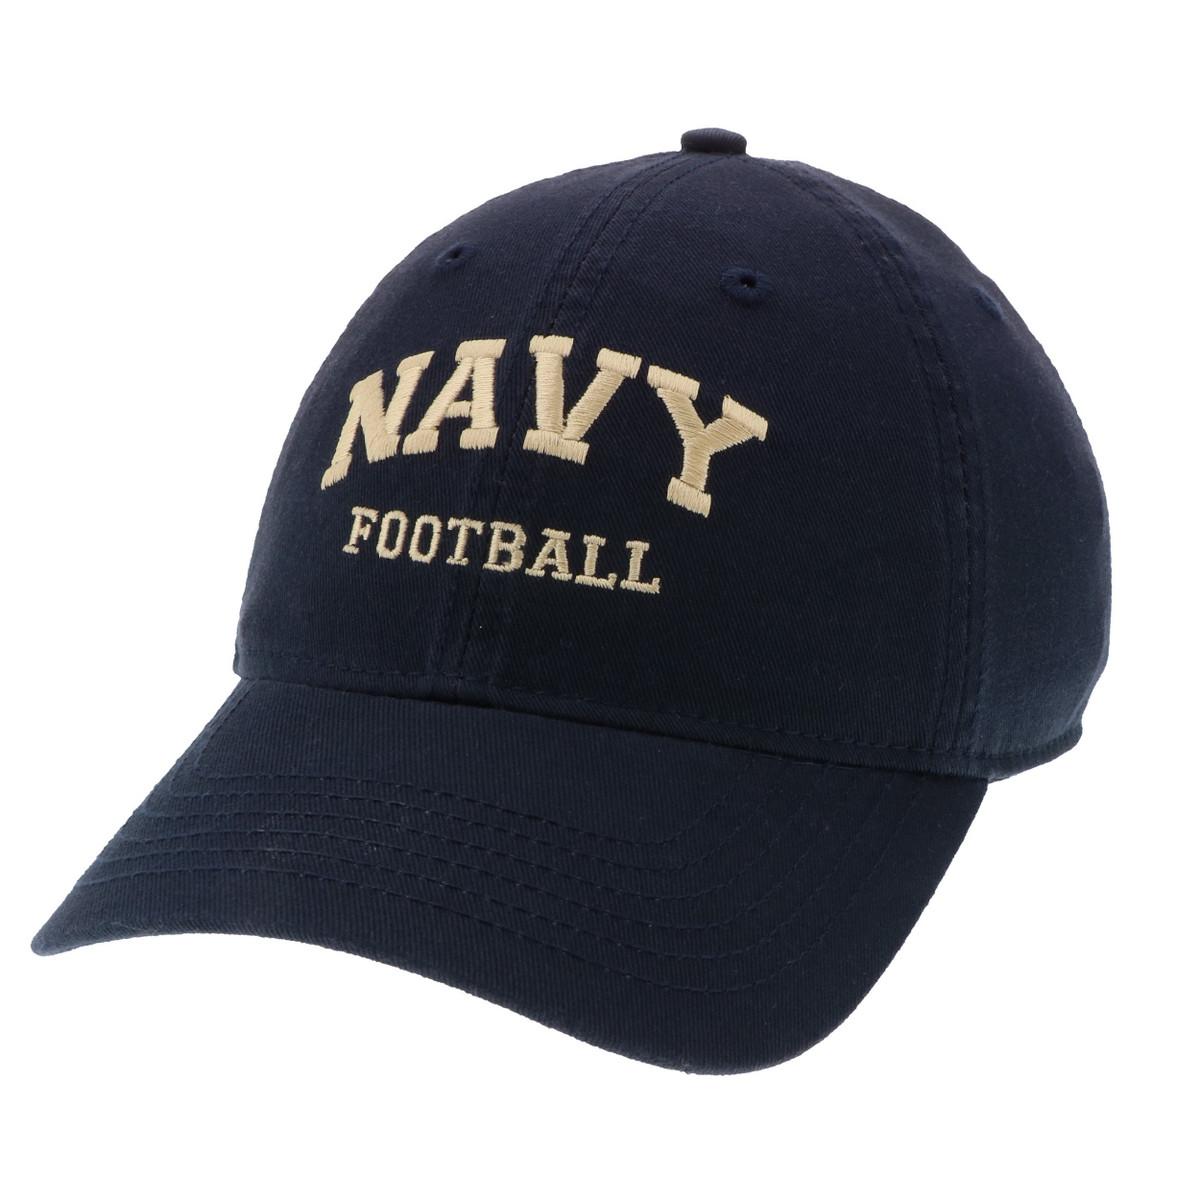 navy football hat